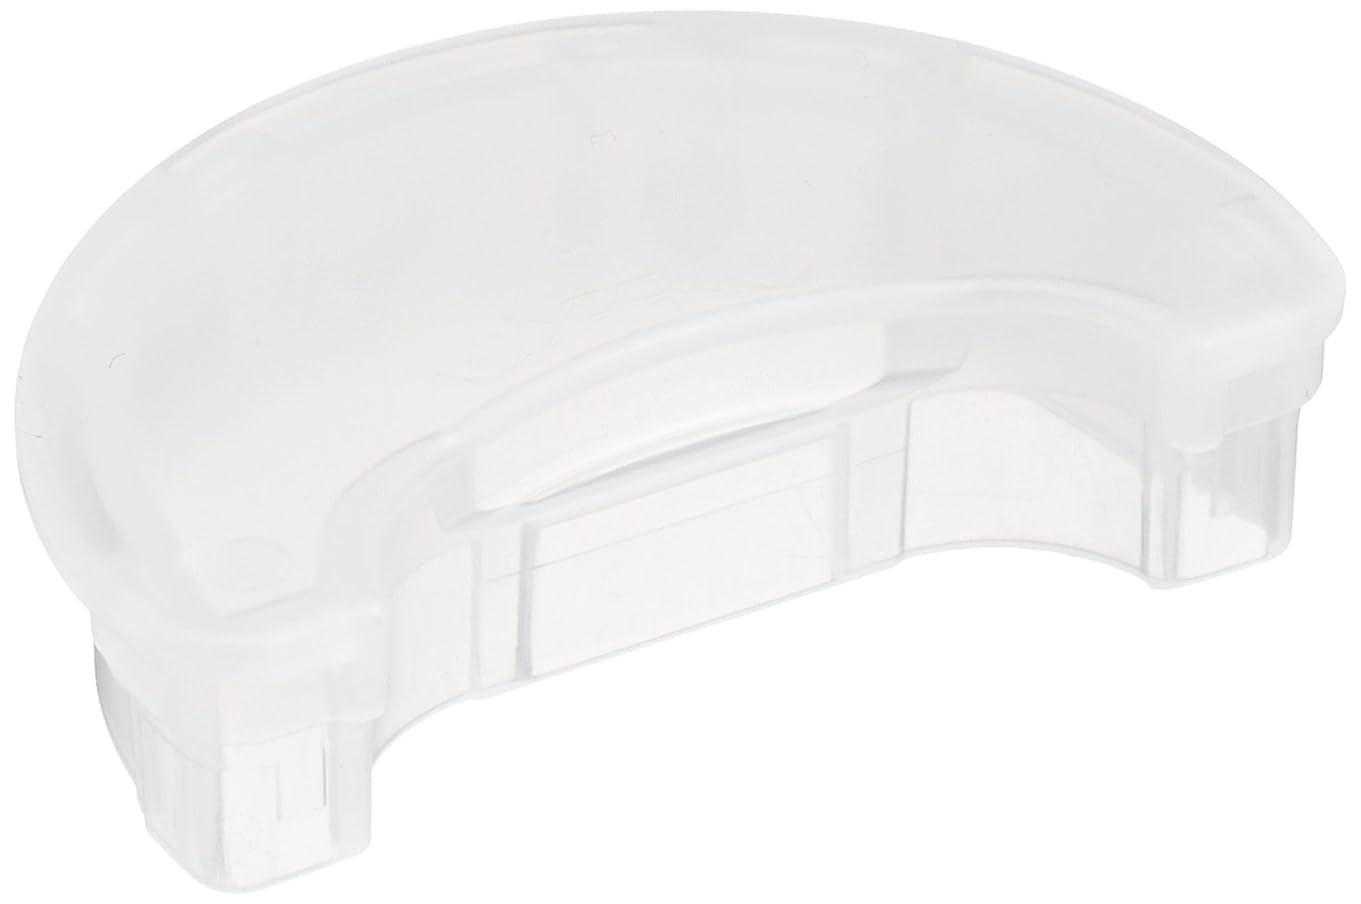 エンティティ豊富なショップオムロン ネブライザー用 キャップ NE-C28-1P4